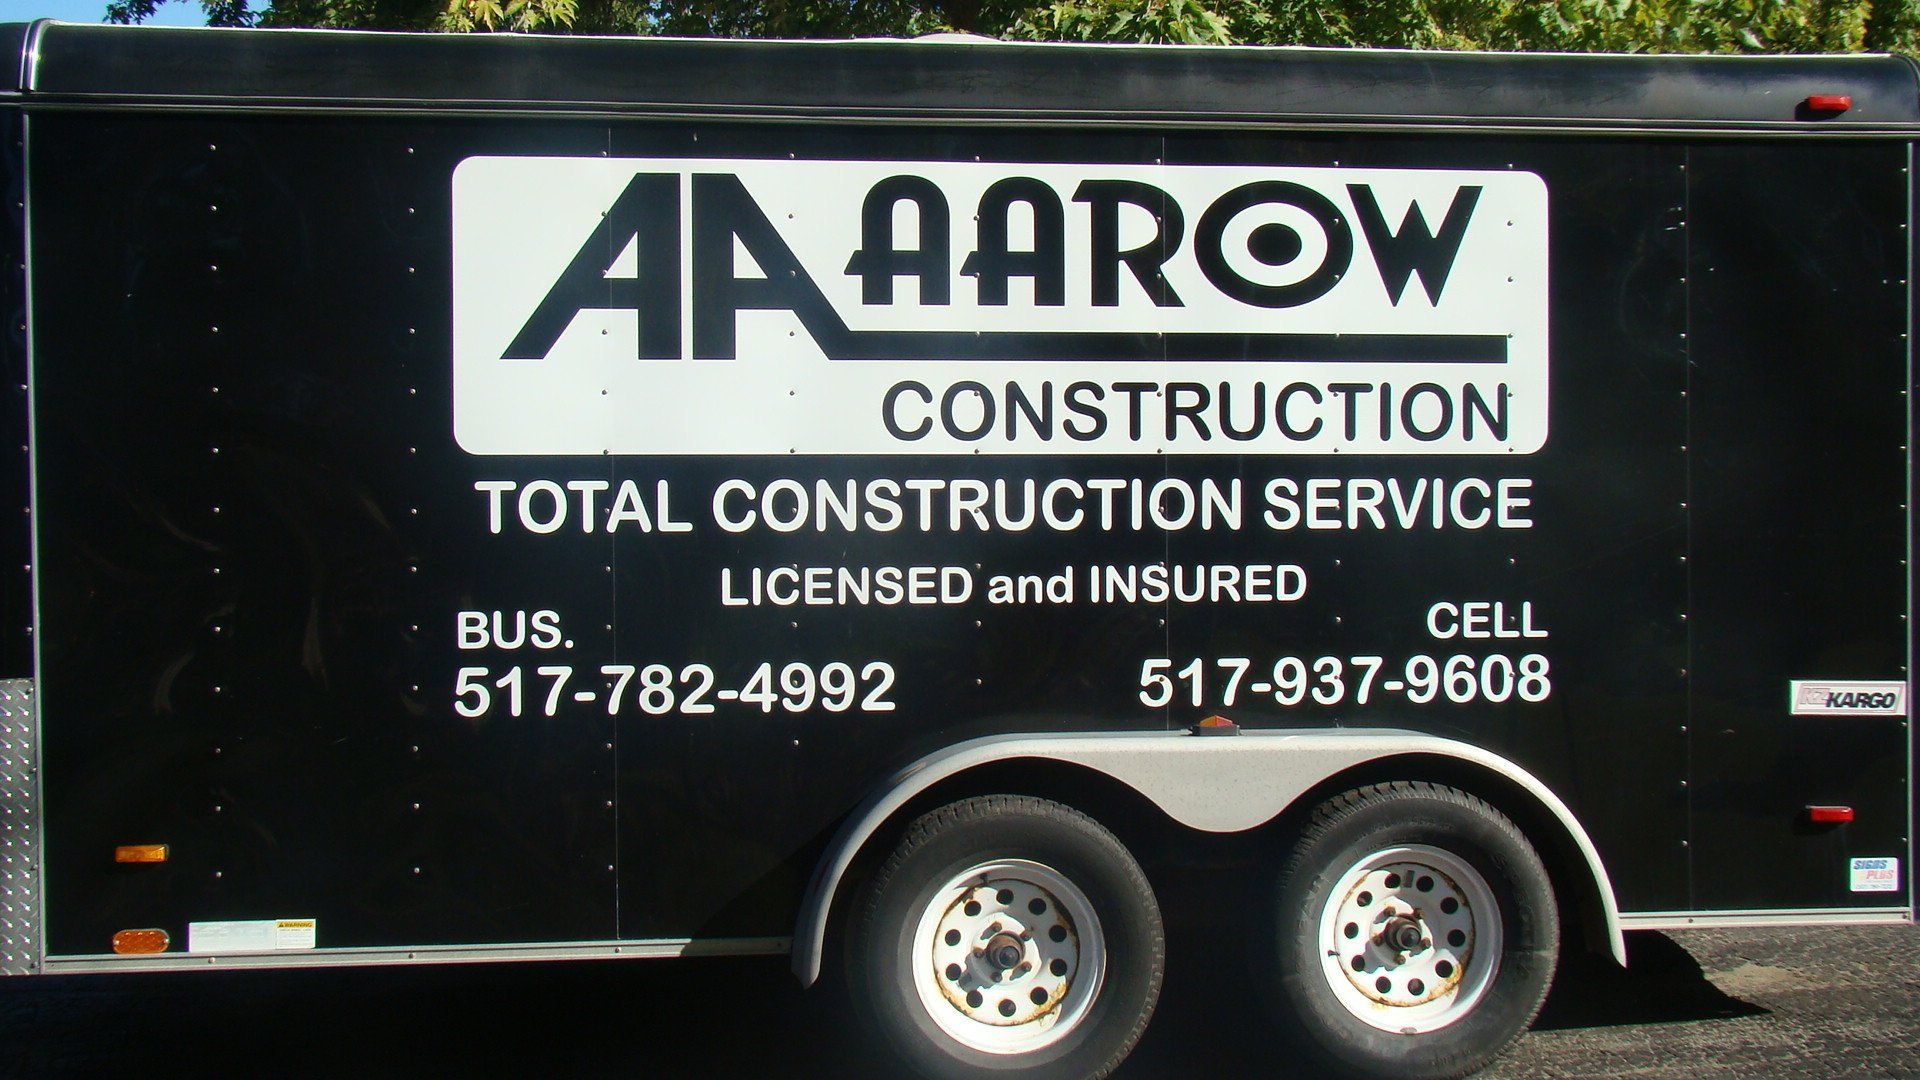 Aarow Construction Company